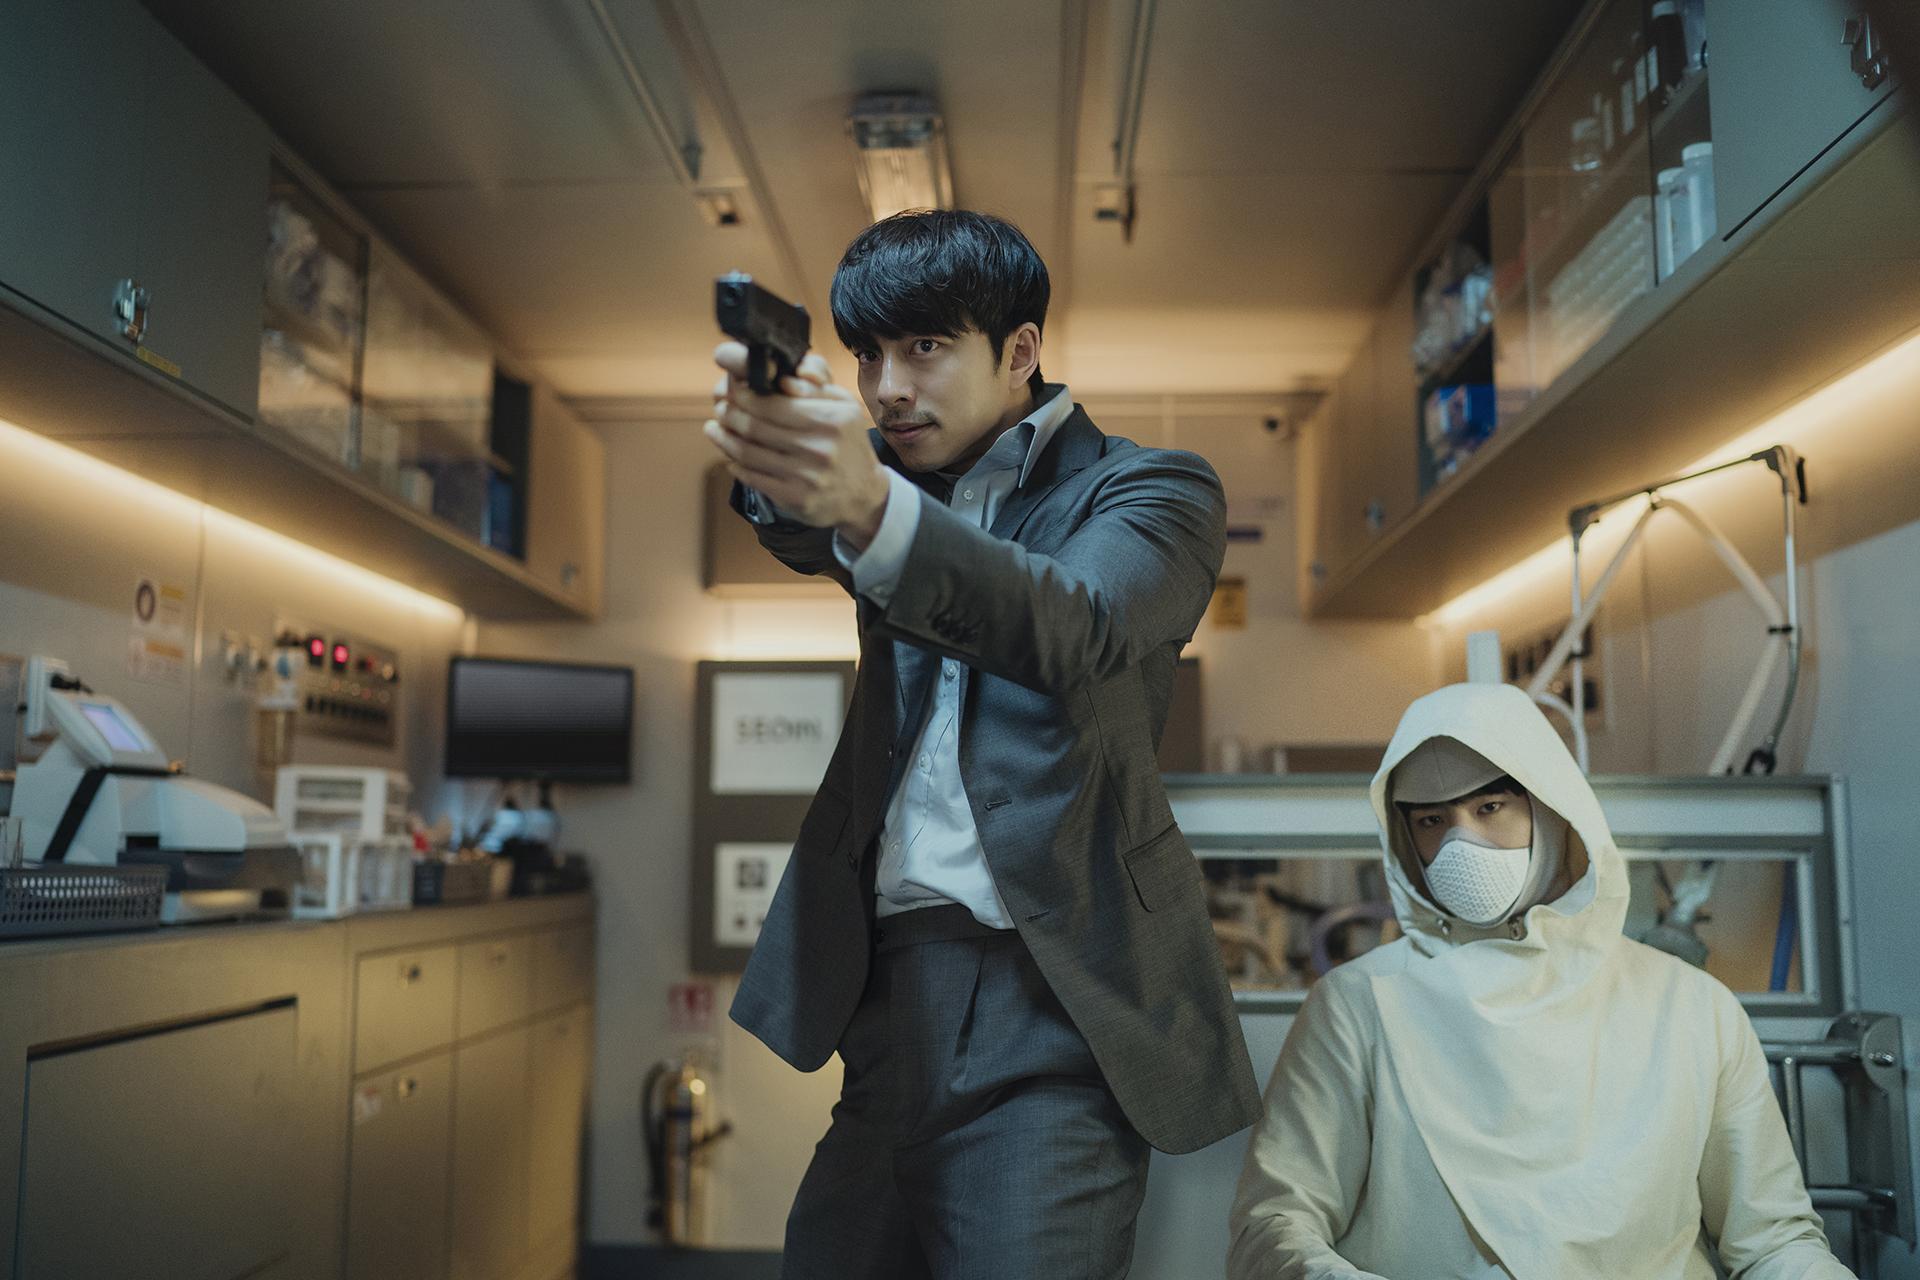 【2021韓國電影贈票】永生戰4/12台灣上映|孔劉、朴寶劍主演|SeoBok 서복 @GINA環球旅行生活